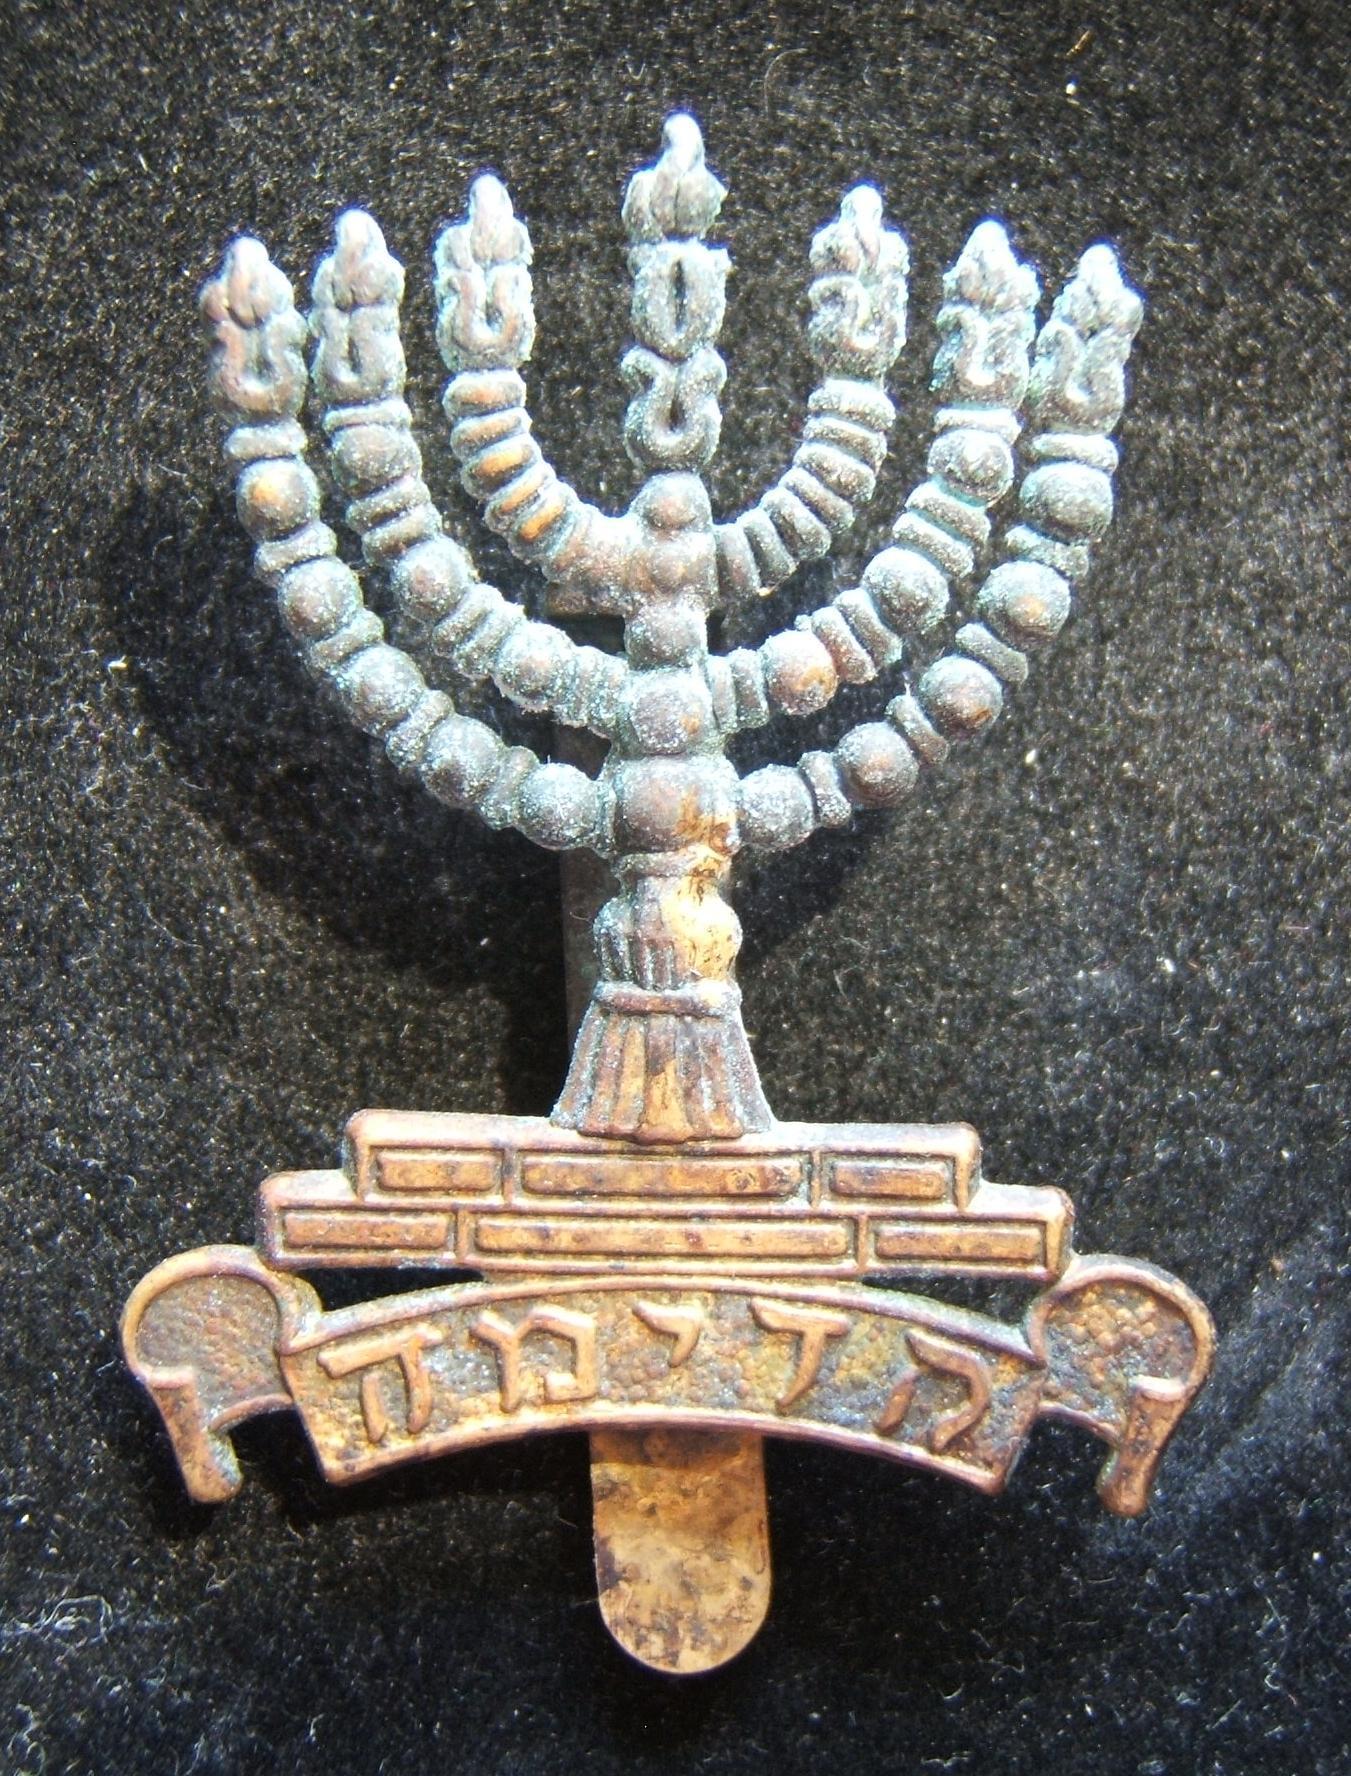 Palästina/Jischuw: Hut-Abzeichen des 1. Bataillons Judäa aus Messing, 1920; kein Hersteller gekennzeichnet; Größe: 3,55 x 5,05 cm; Gewicht: 9,35 g. Dies ist das Design mit der flac